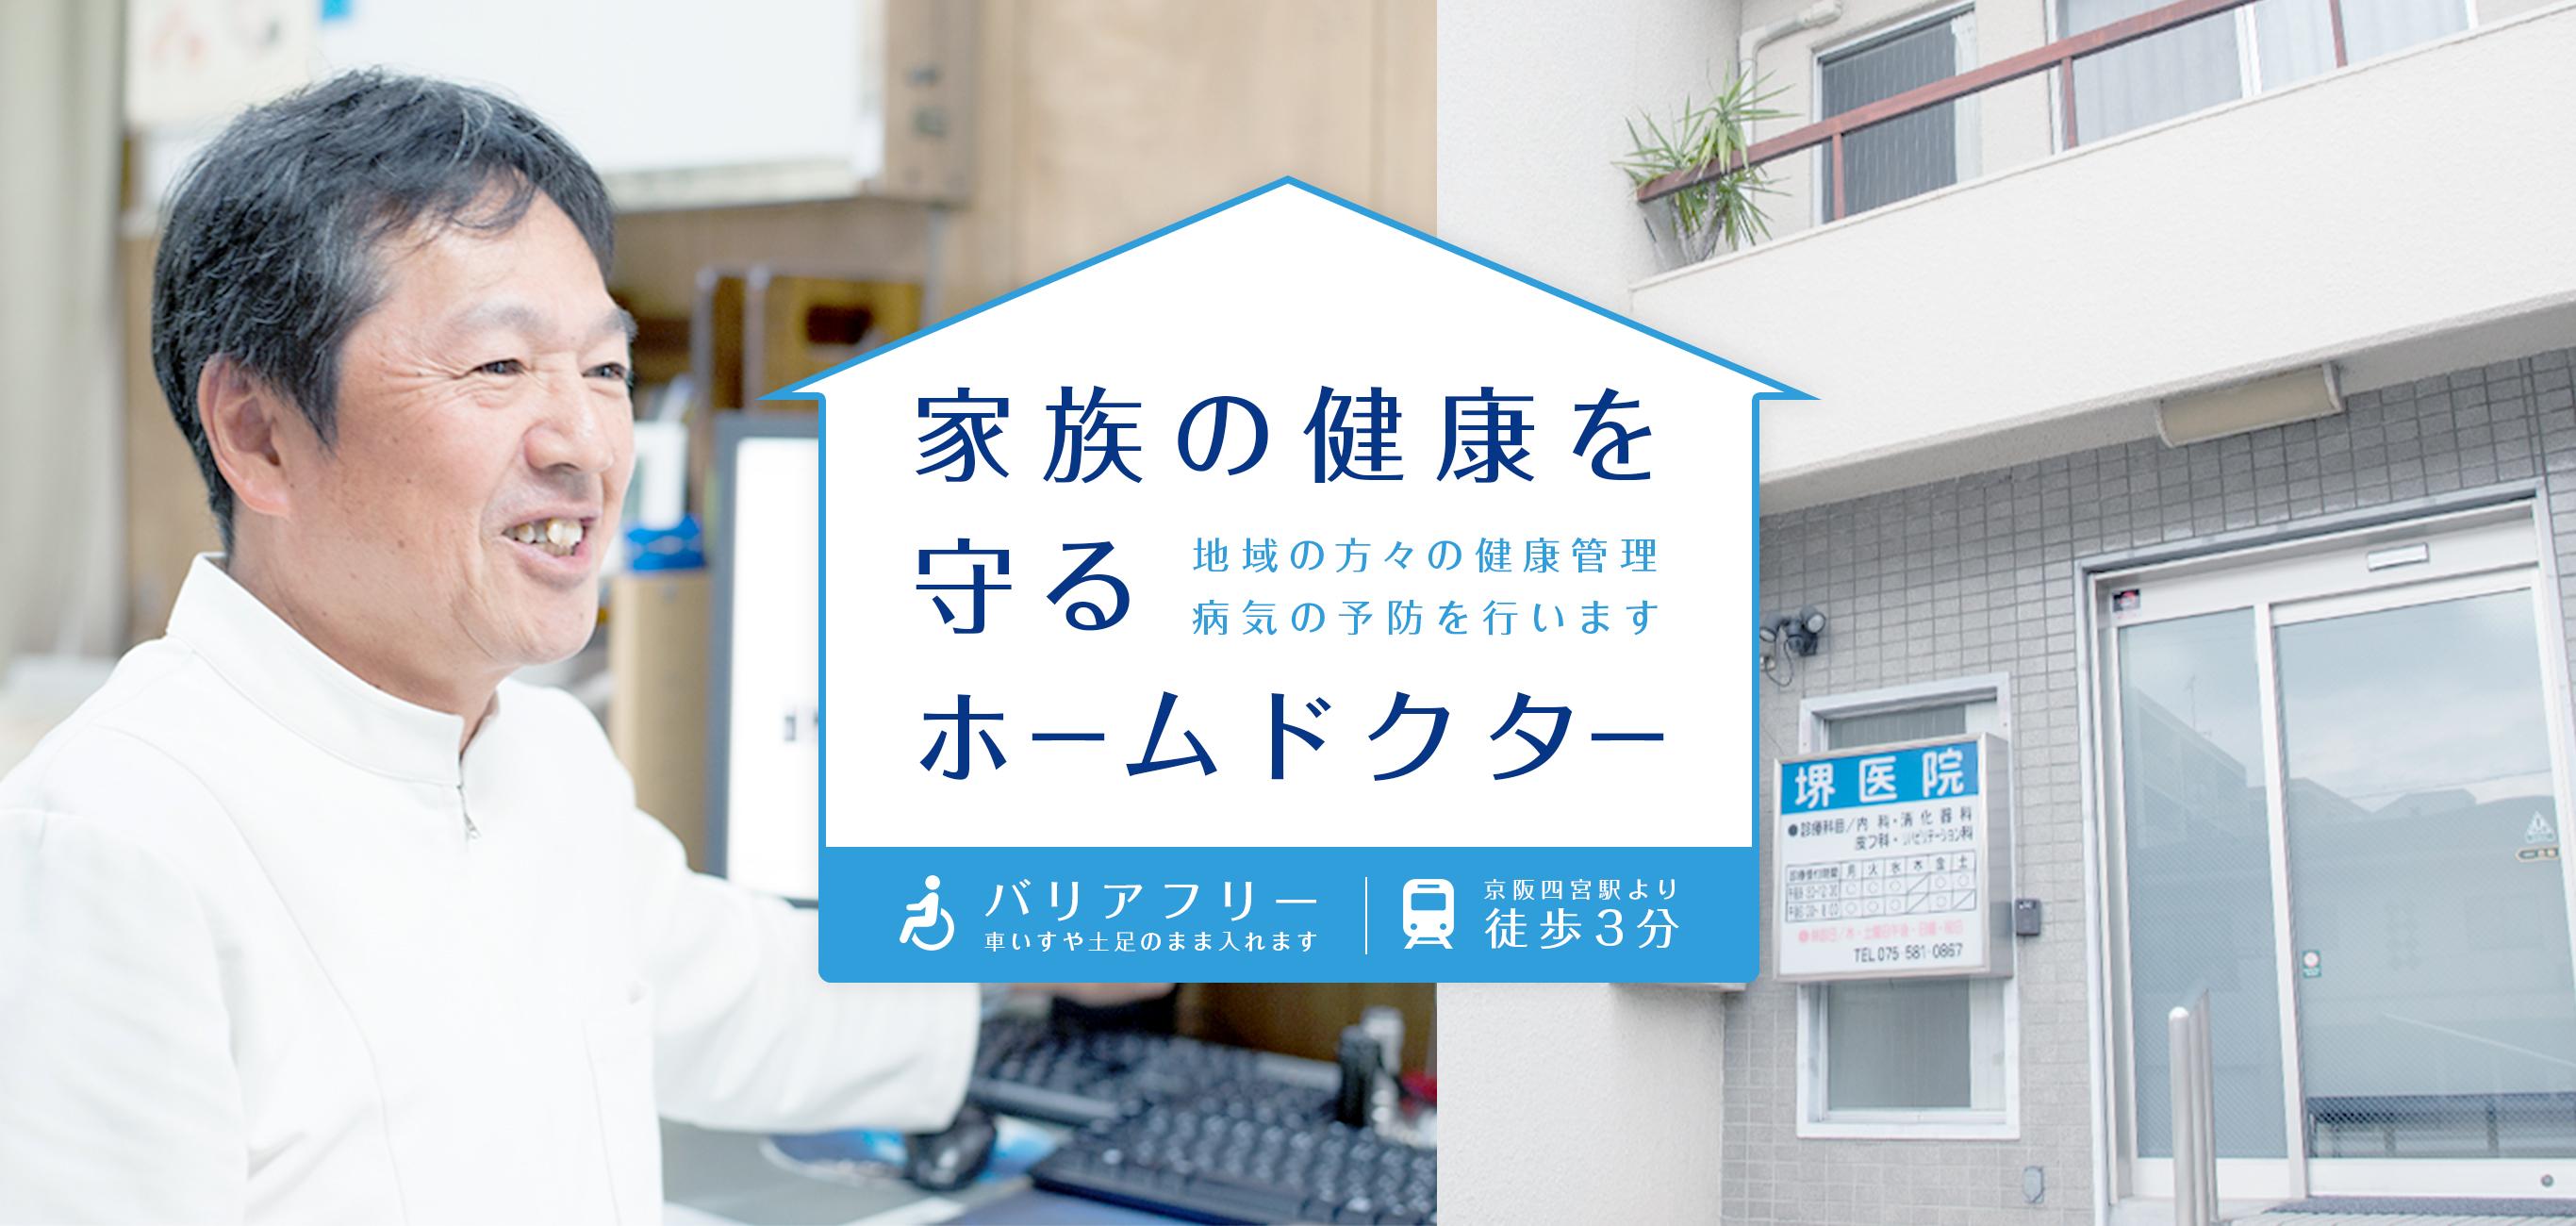 家族の健康を守るホームドクター 地域の方々の健康管理 病気の予防を行います バリアフリー車いすや土足のまま入れます 京阪四宮駅より徒歩3分